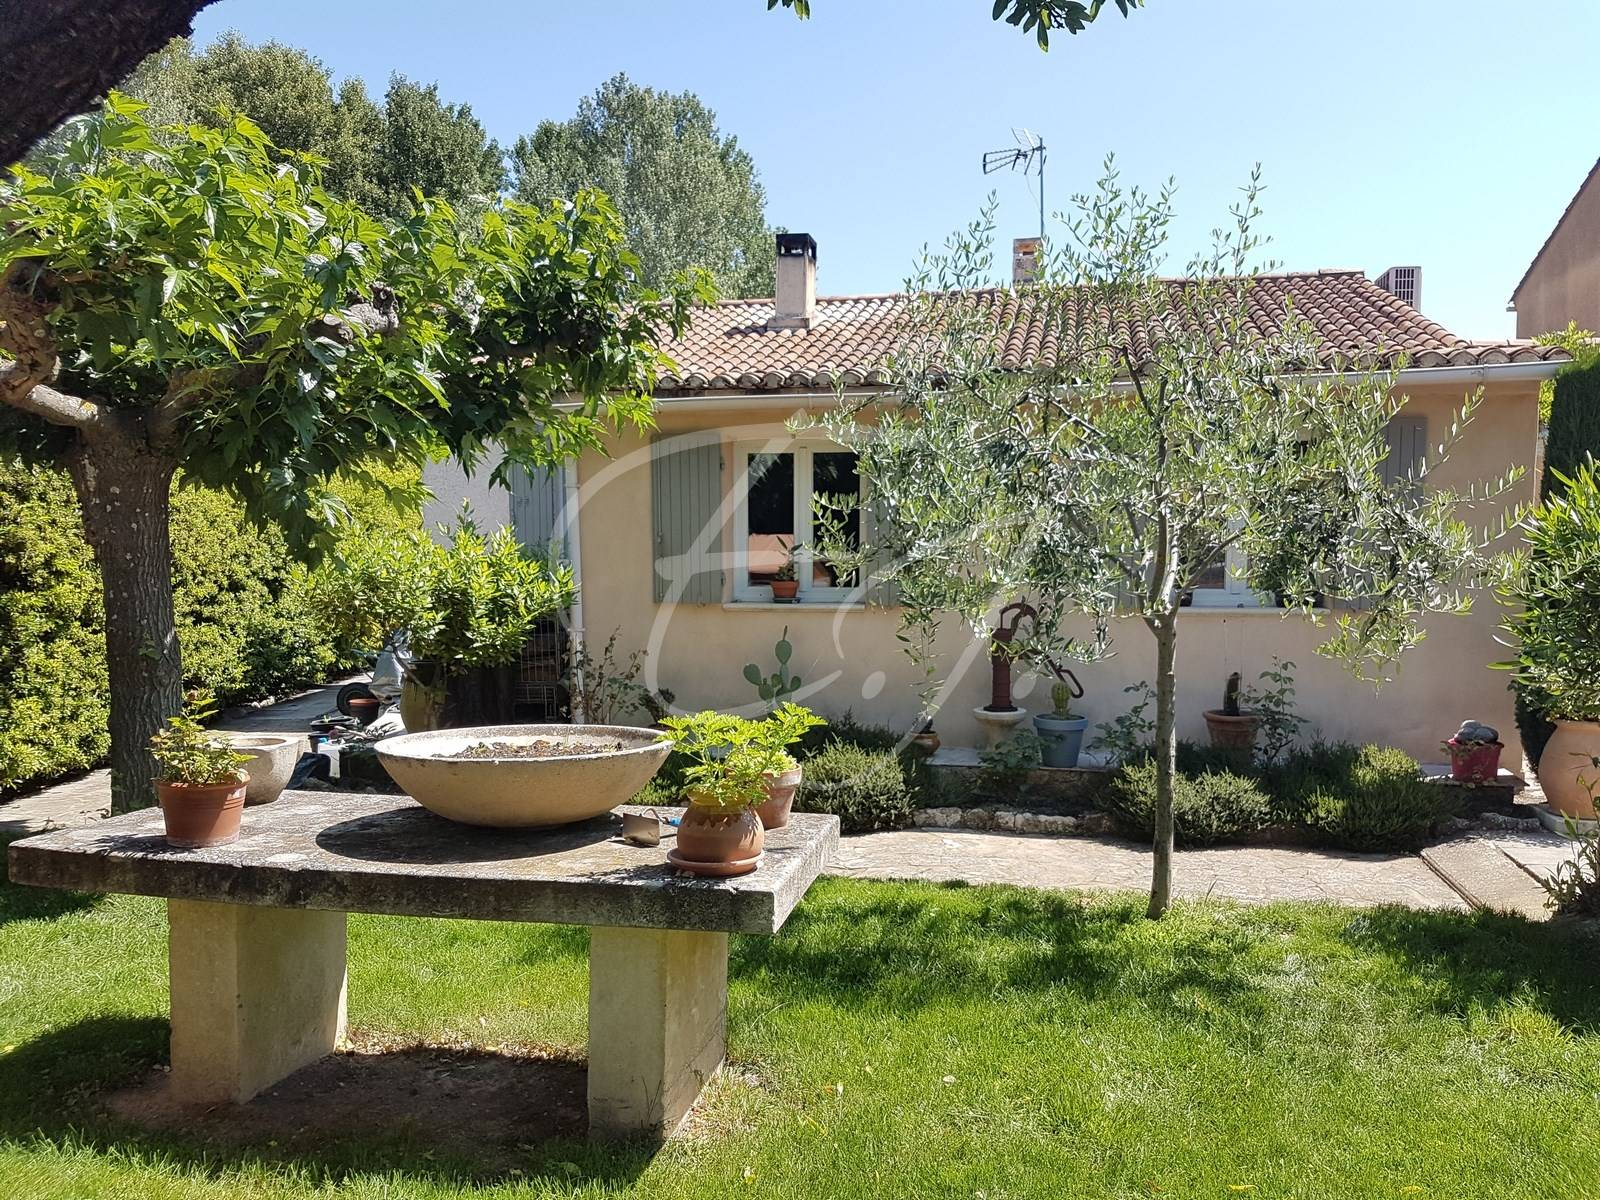 Maison de plain pied à Robion avec jardin et garage